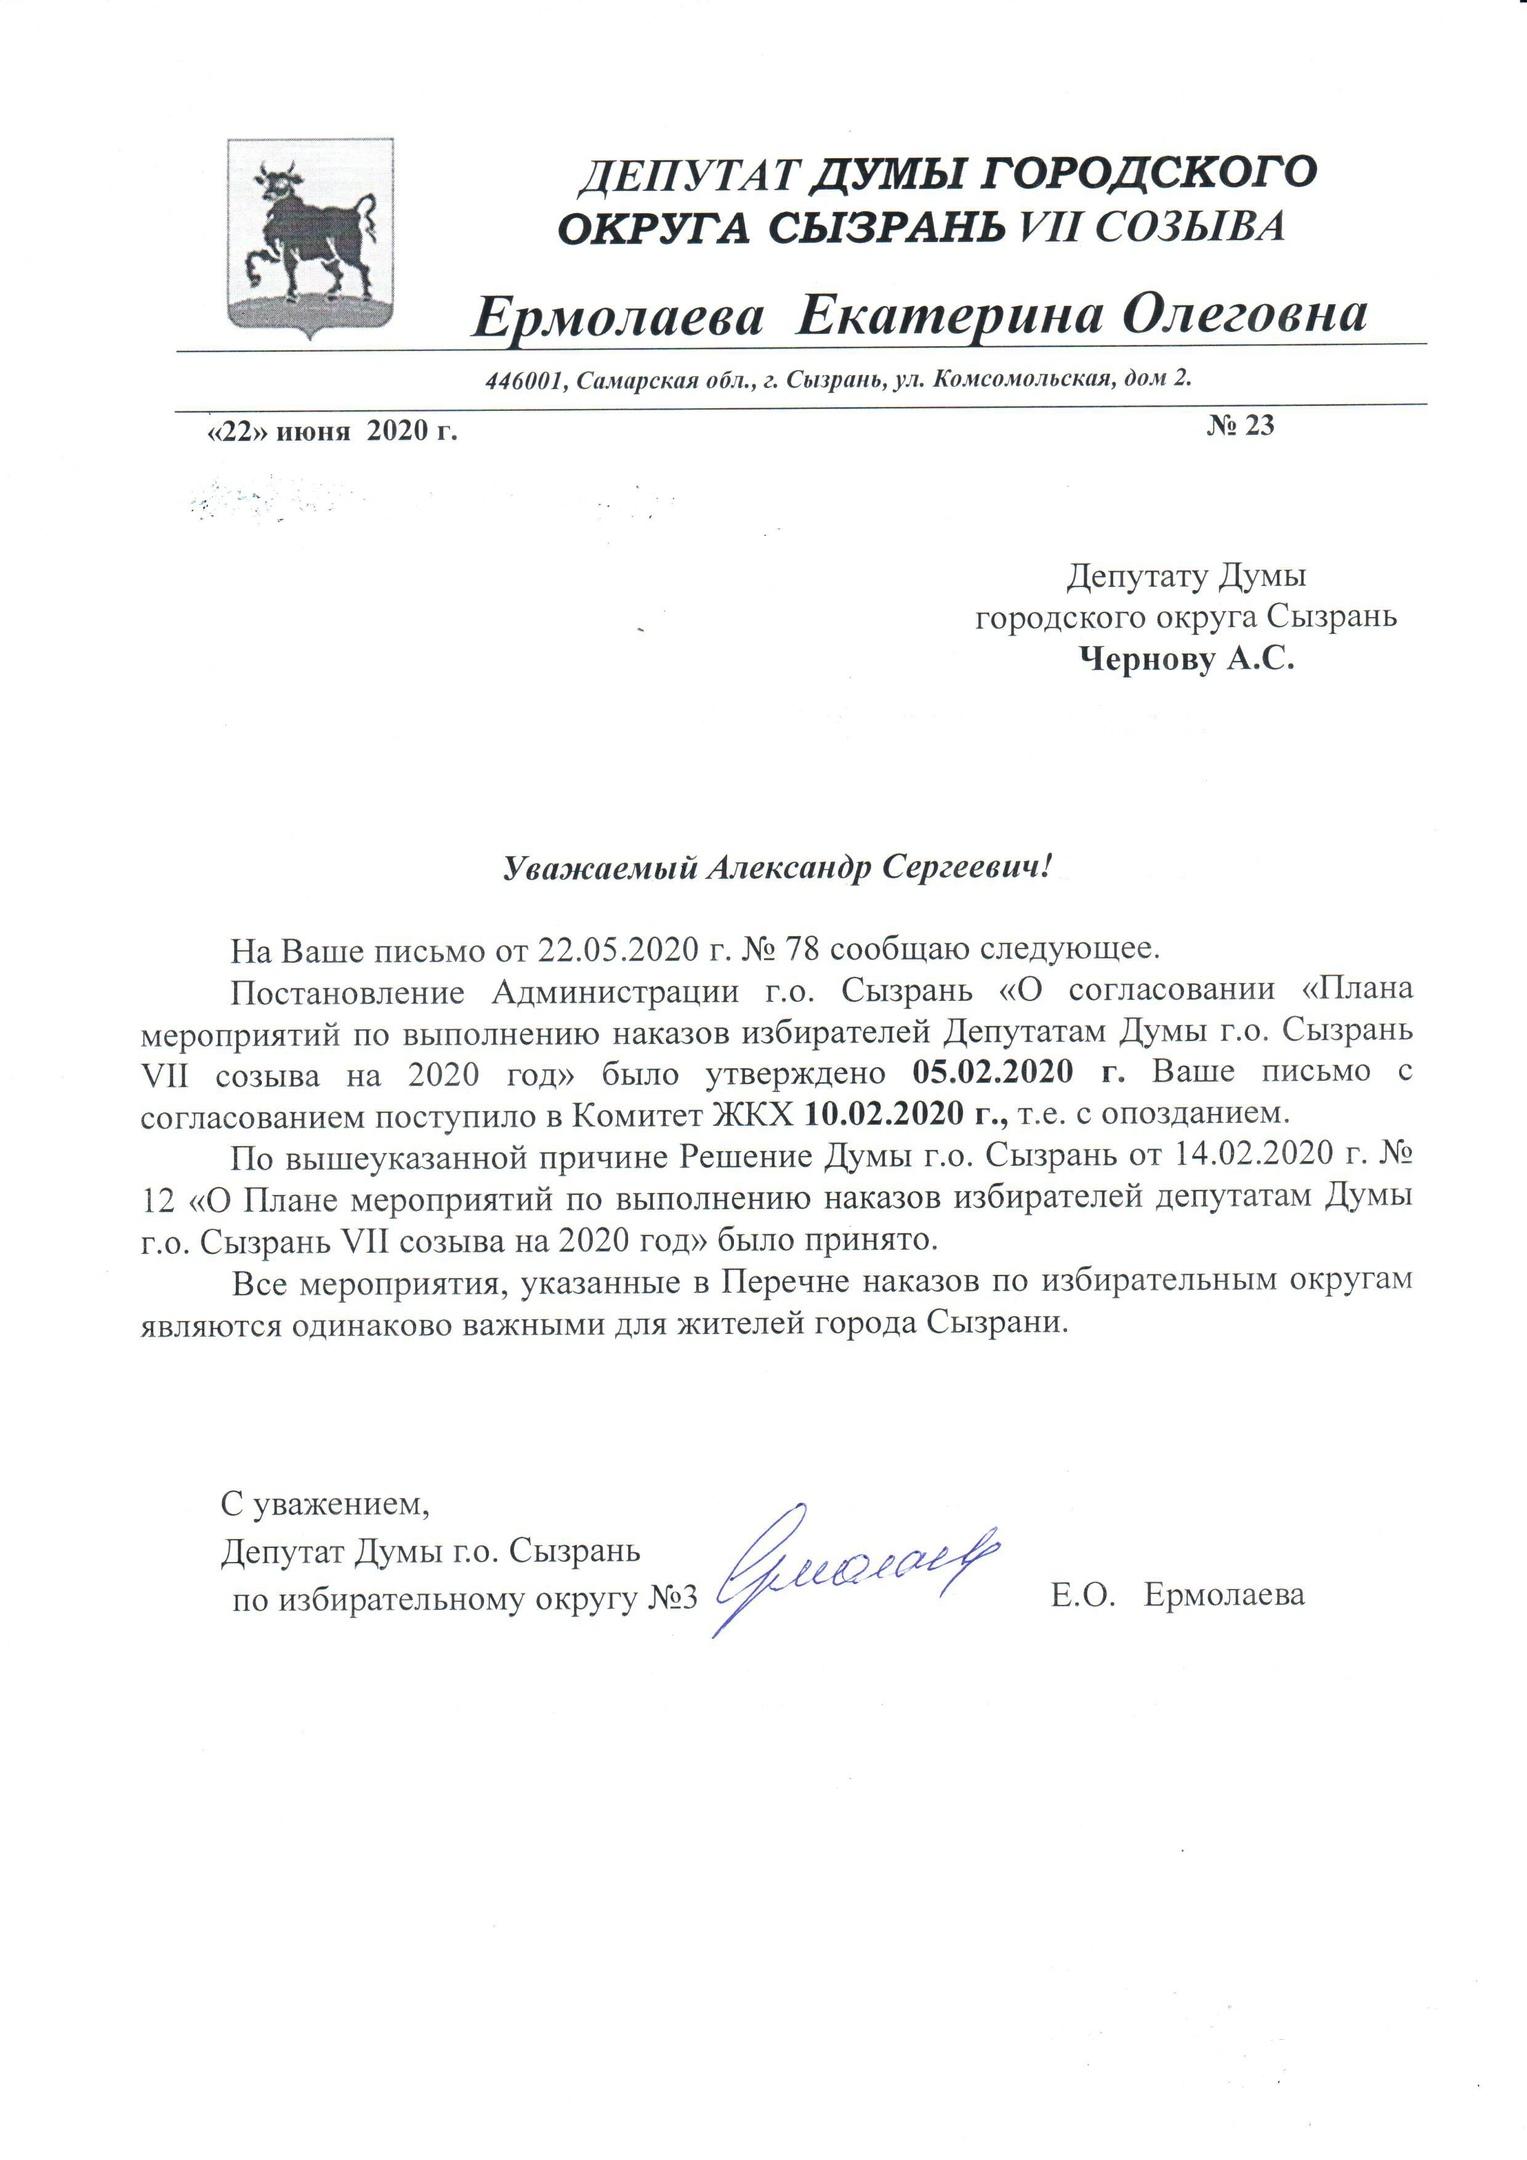 Ответ Ермолаевой на требование согласовать наказы